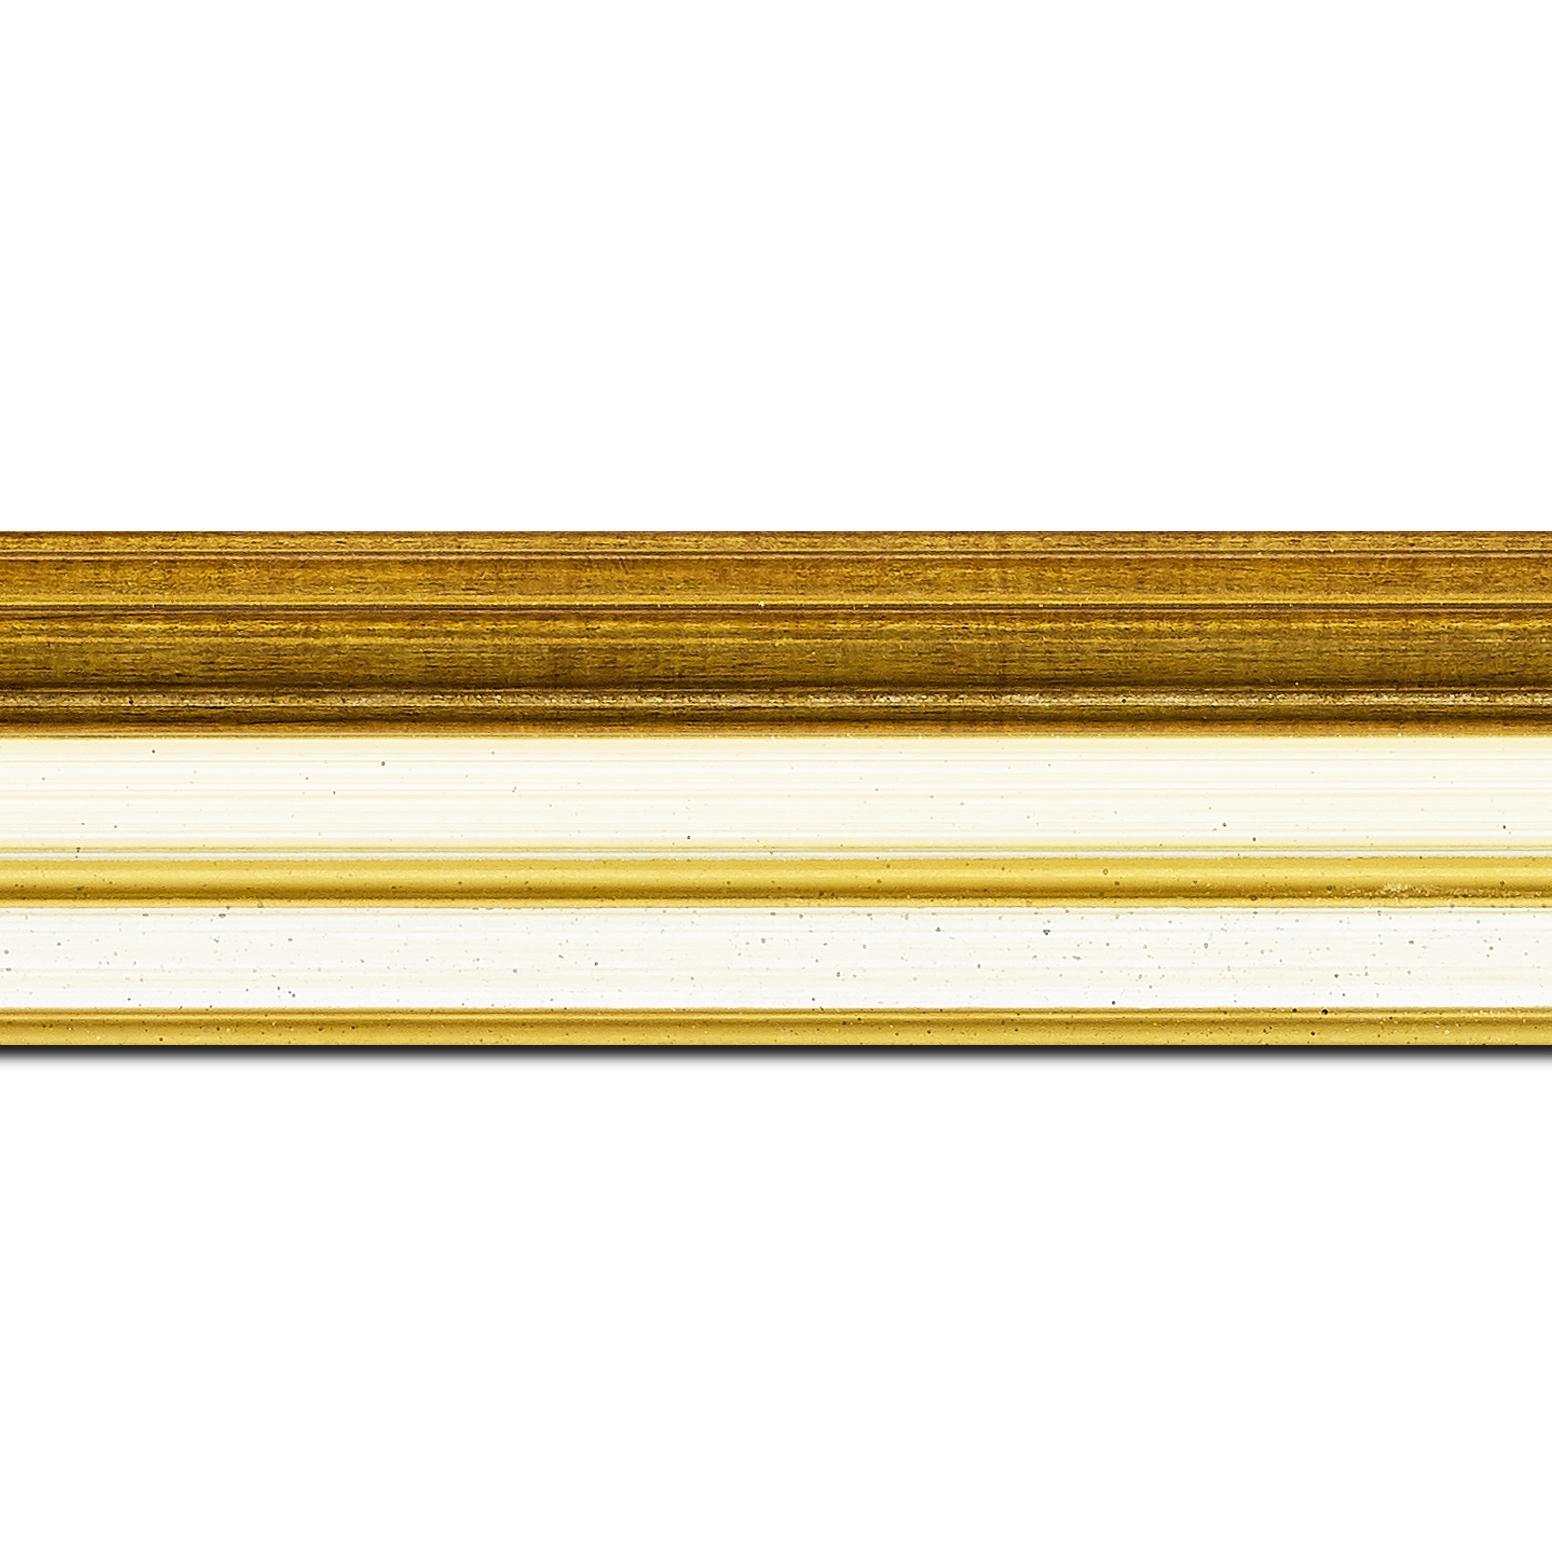 Baguette longueur 1.40m bois largeur 5.2cm or gorge crème  marie louise crème filet or intégrée